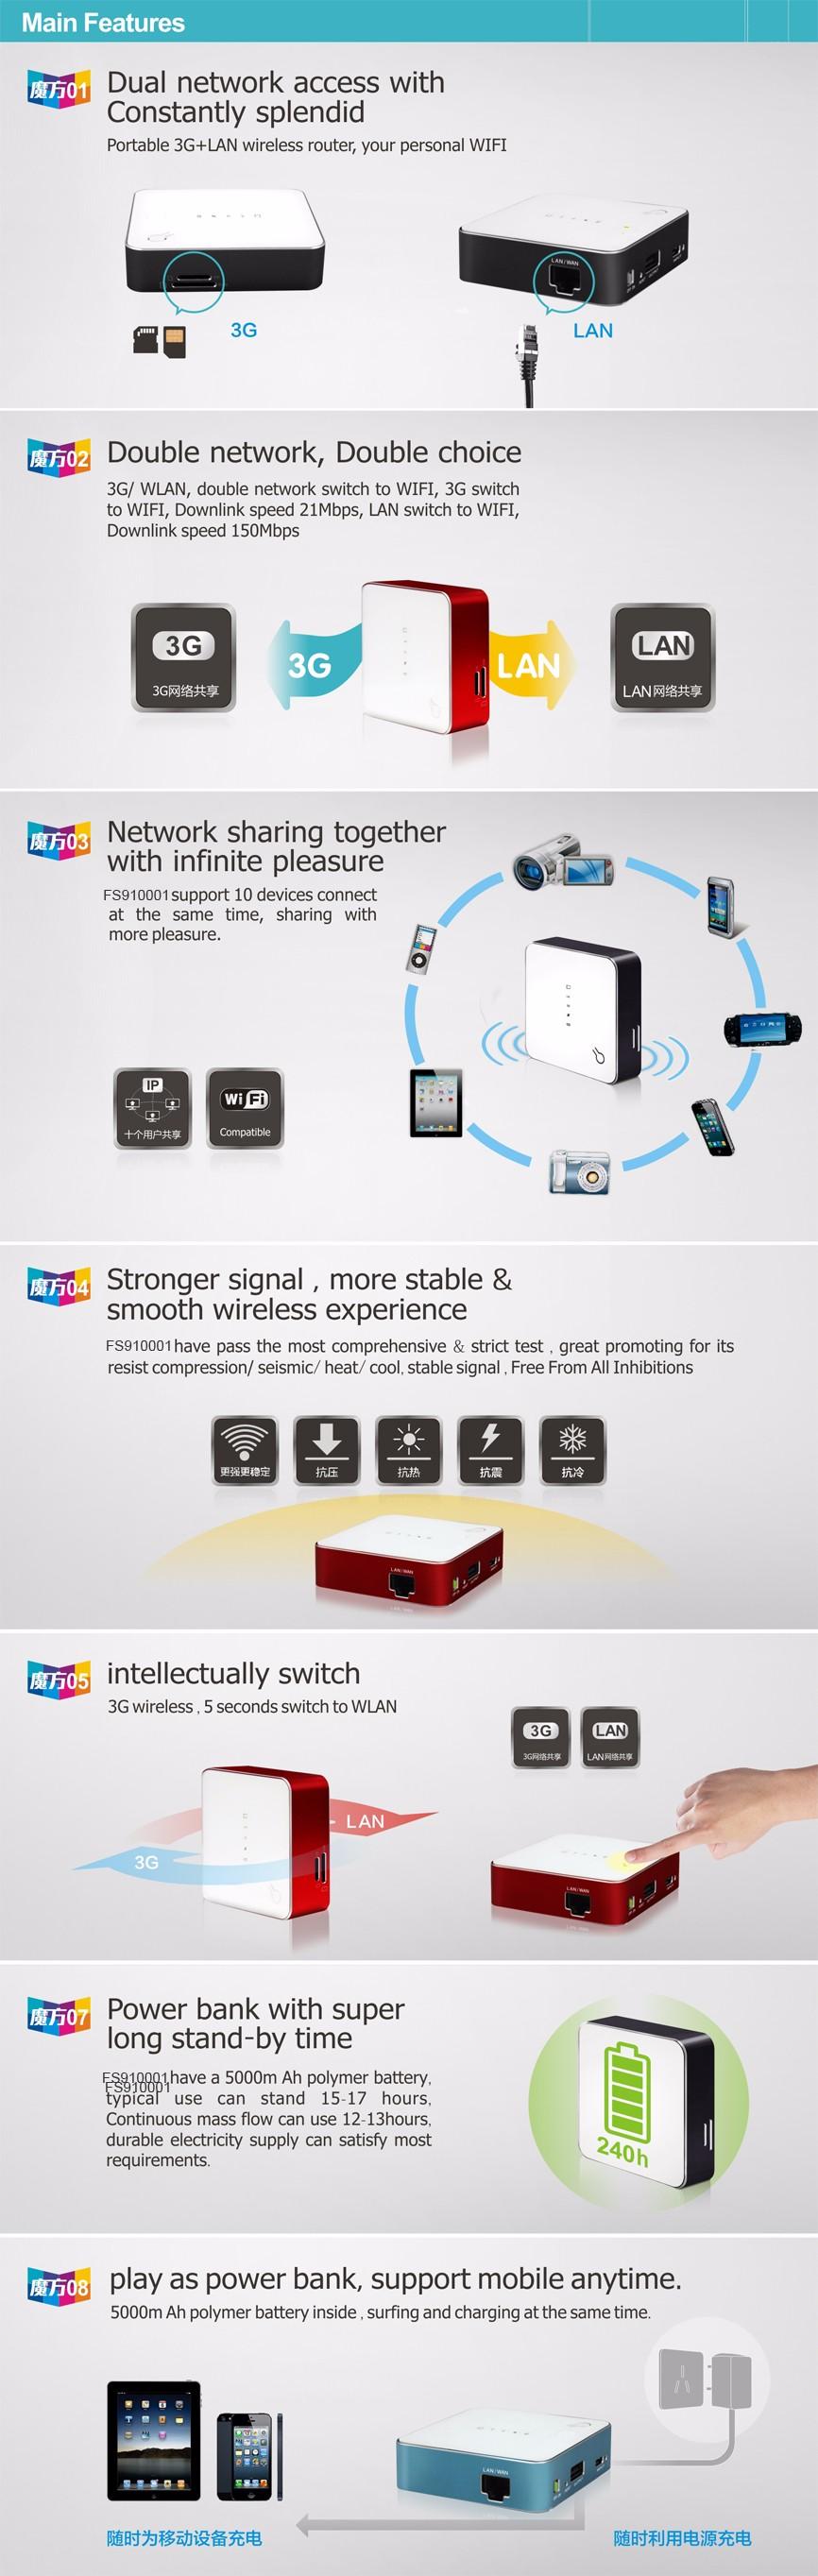 Powerbank Ethernet Rj45 Wifi Modem Lte 3g 4g Carte Sim Sans Fil Répéteur Routeur Buy Lte Mobile Wif Imodem Avec Emplacement Pour Carte Sim,Modem